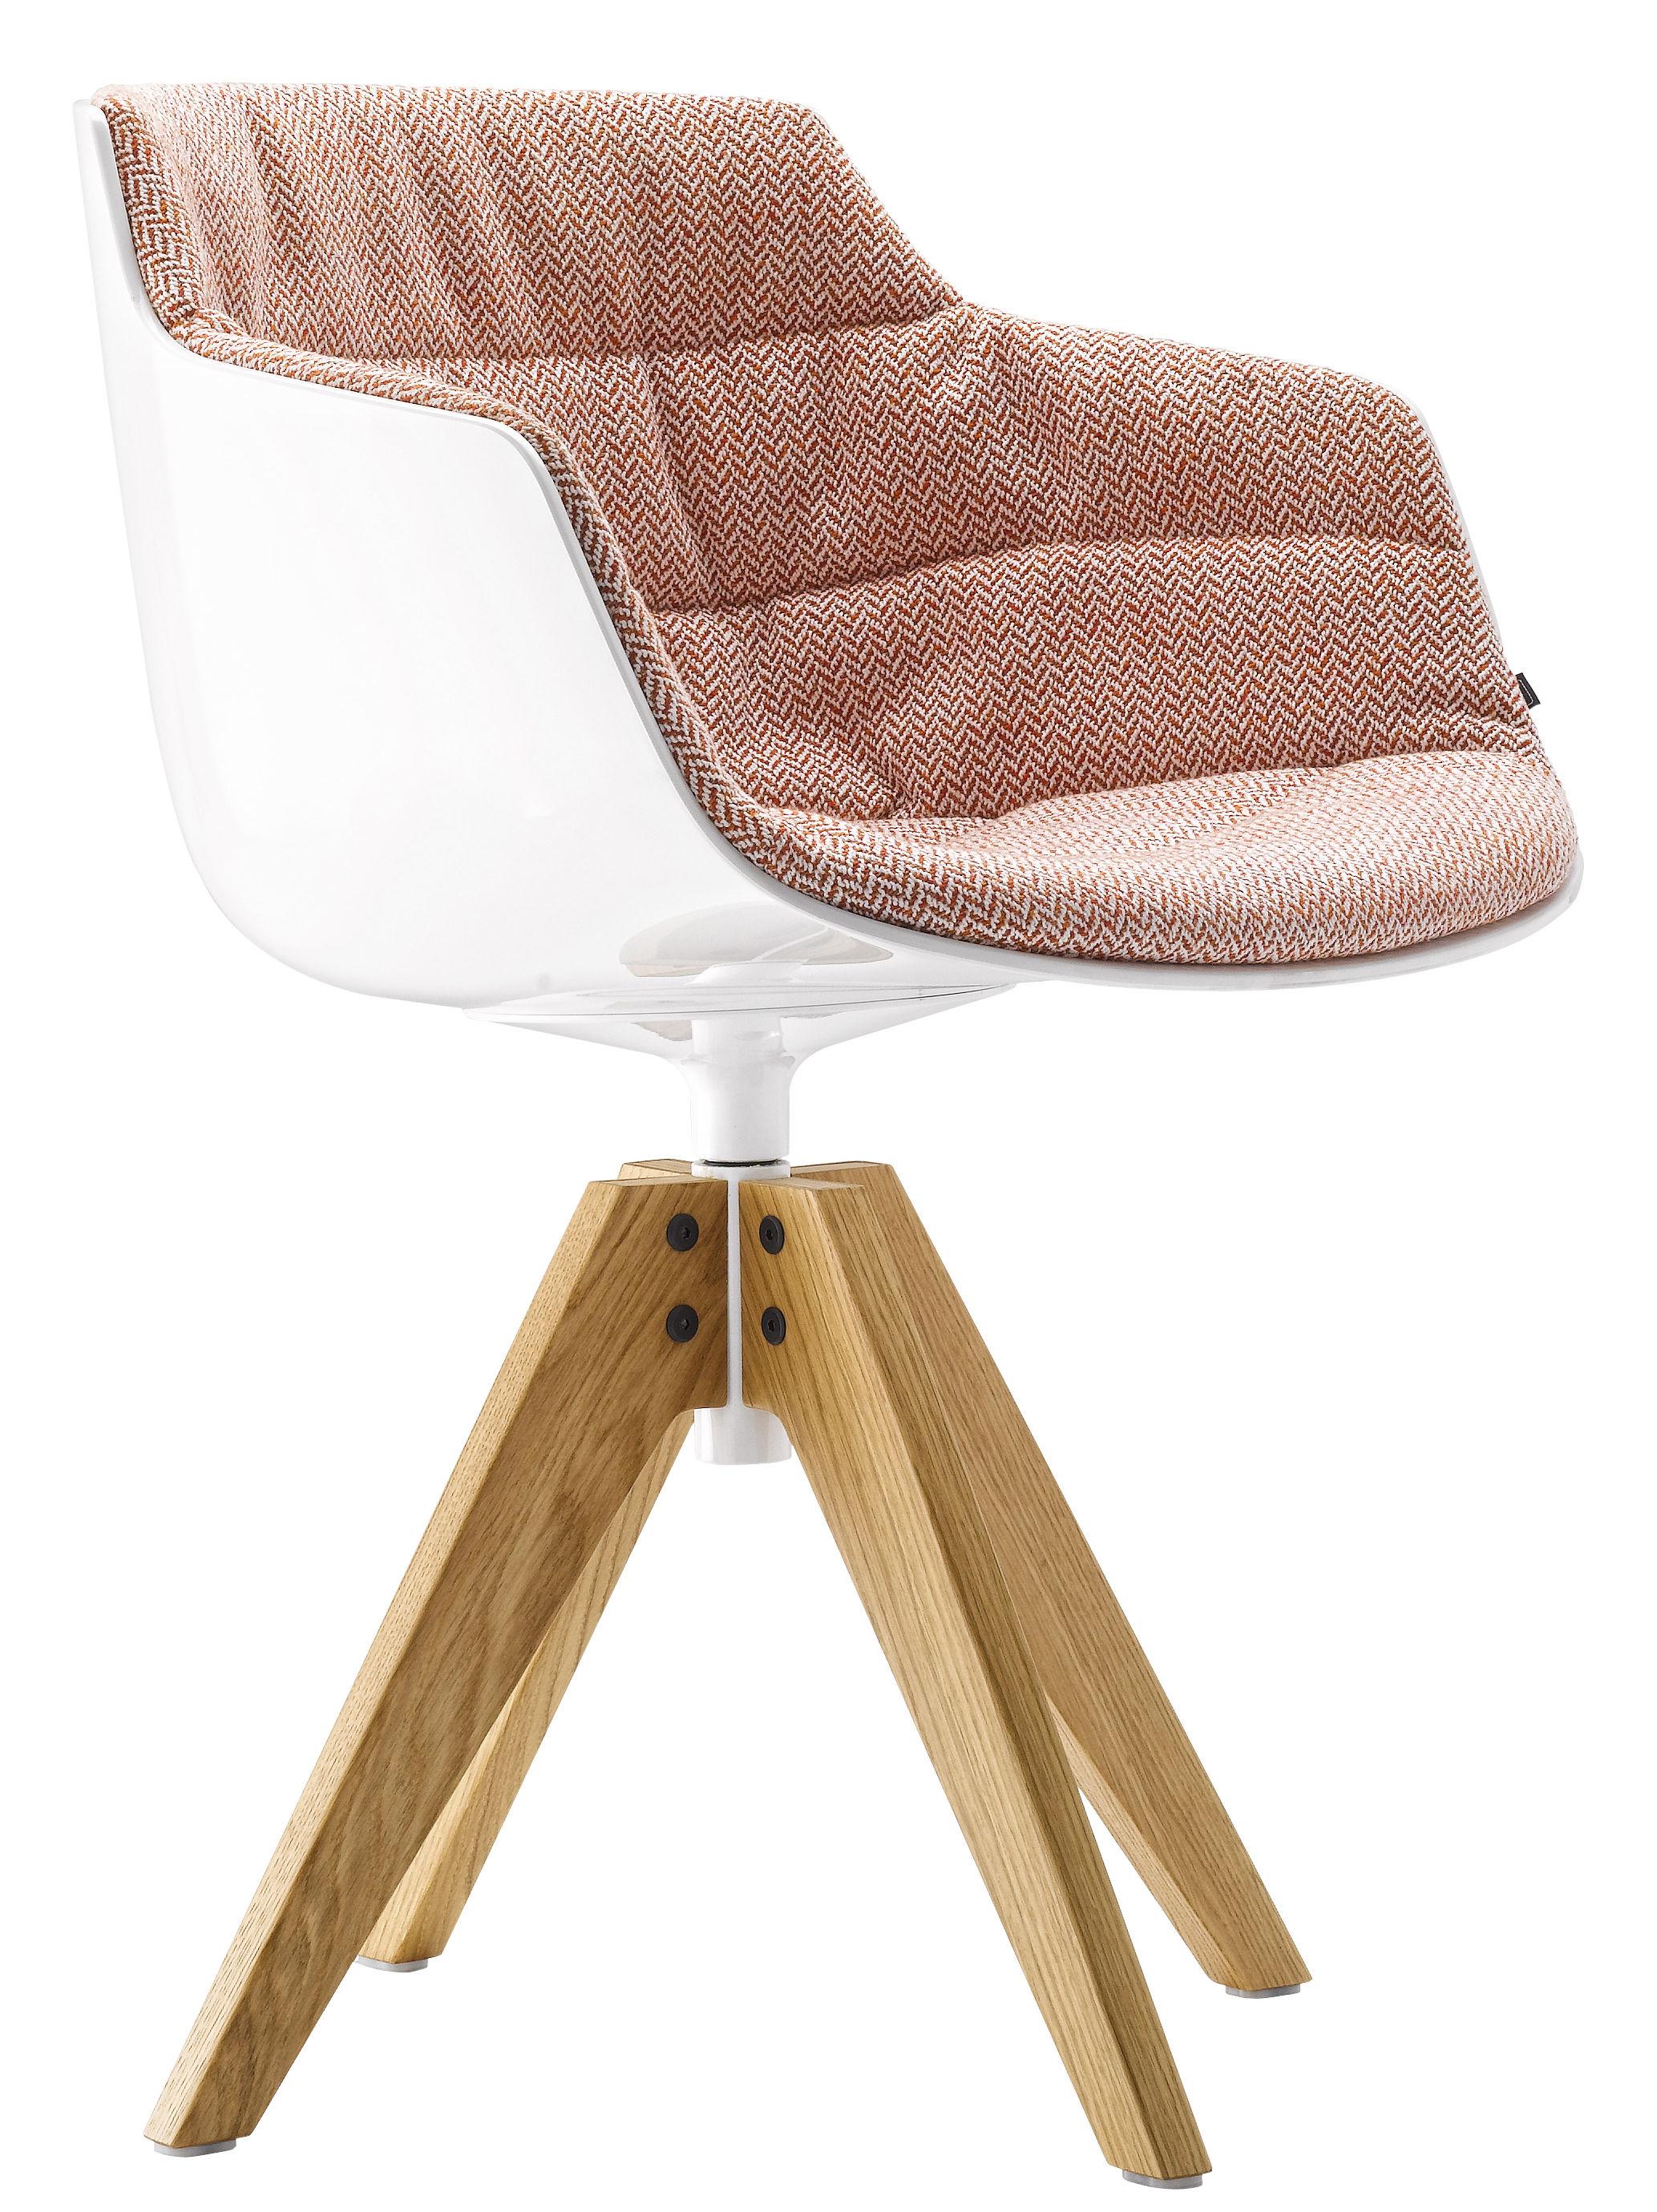 Mobilier - Chaises, fauteuils de salle à manger - Fauteuil pivotant Flow Slim / Rembourré - 4 pieds VN chêne - MDF Italia - Tissu rouge / Pieds chêne - Aluminium laqué, Polycarbonate, Tissu